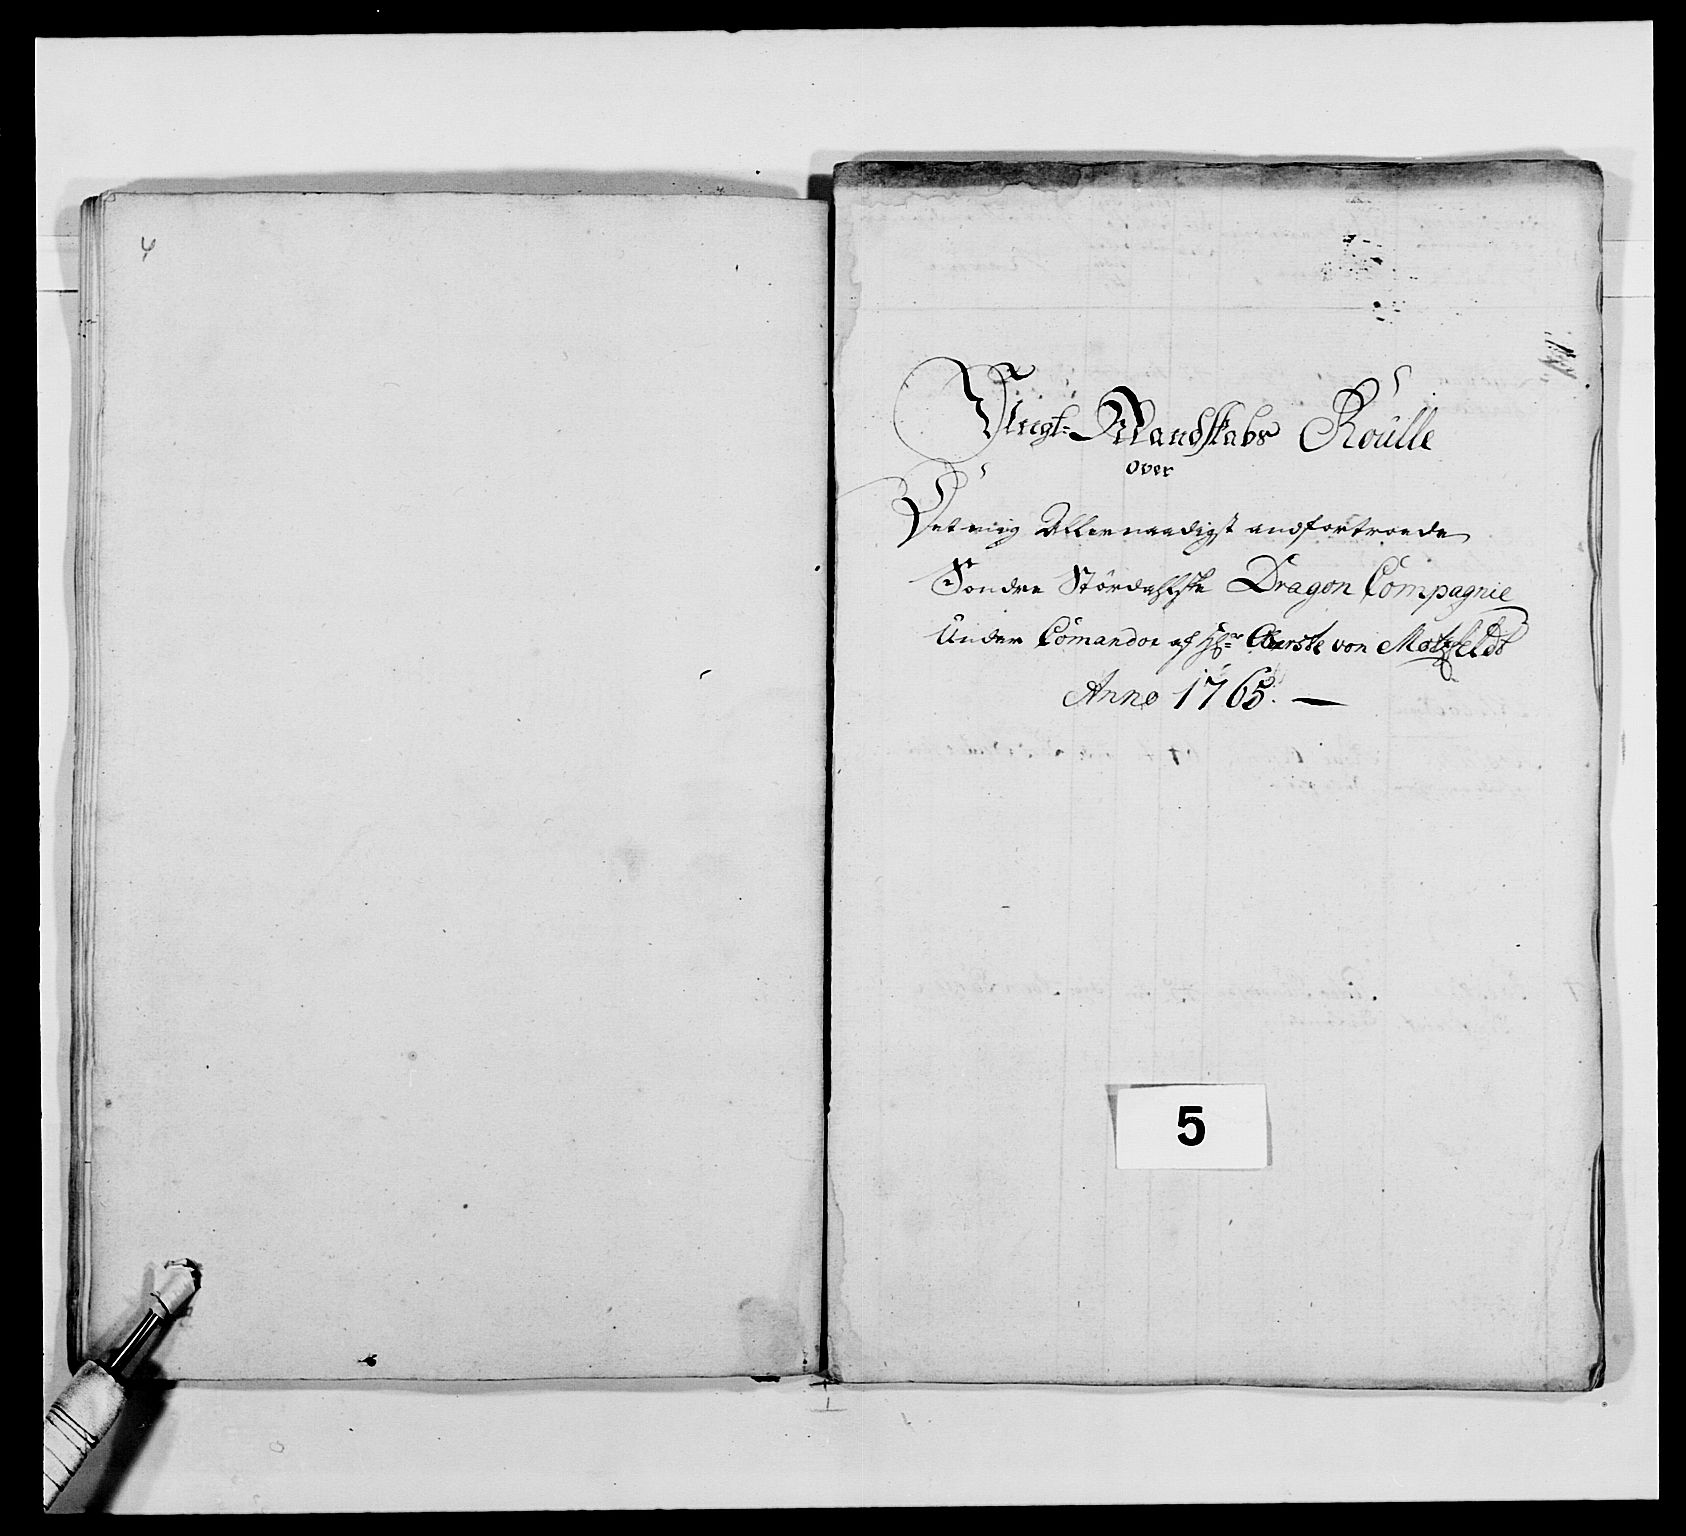 RA, Kommanderende general (KG I) med Det norske krigsdirektorium, E/Ea/L0483: Nordafjelske dragonregiment, 1765-1767, s. 87